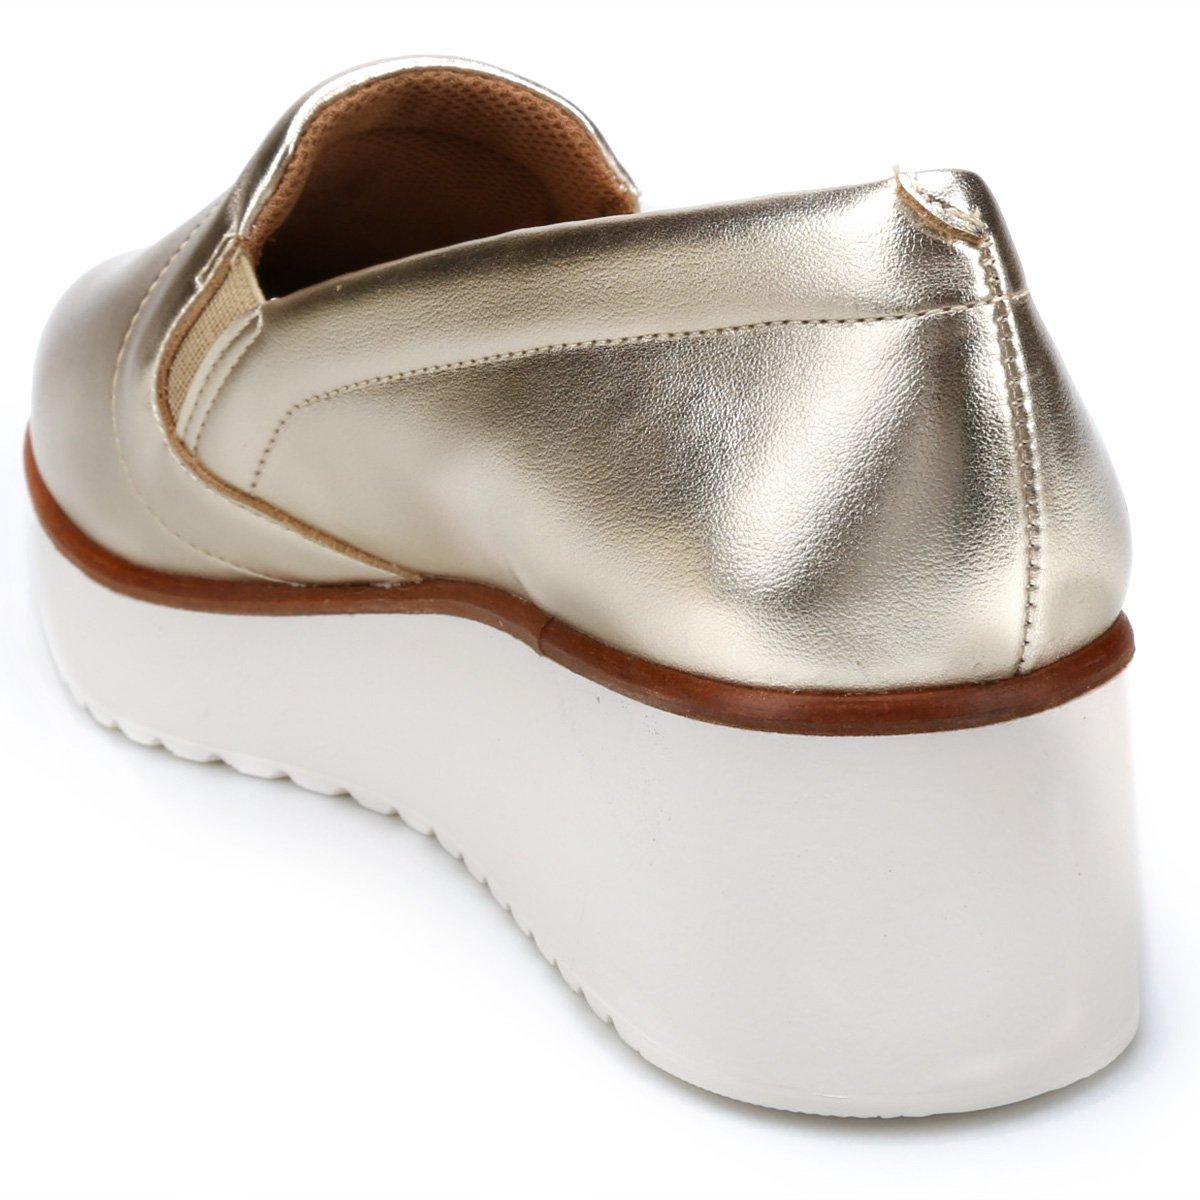 Slip Capodarte On Capodarte Flatform On Dourado Capodarte Flatform Slip Slip On Dourado 1wC6Cdfxq